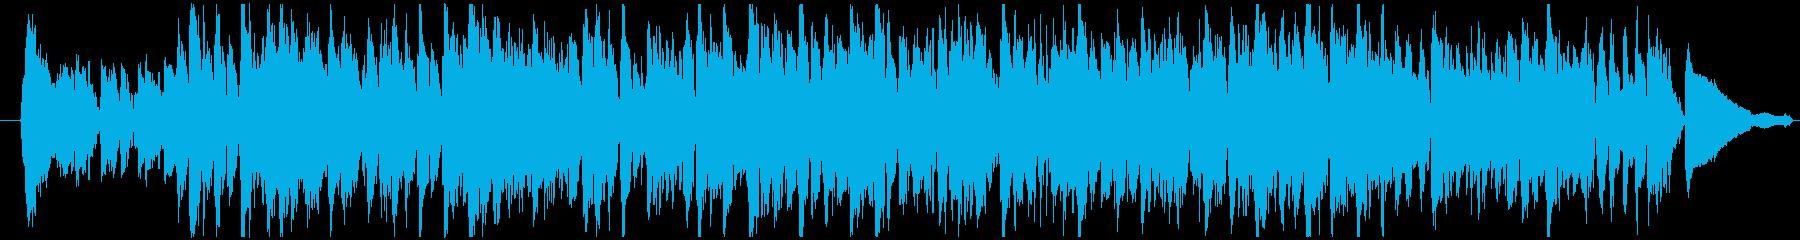 キーボードがメインの可愛いスイングロックの再生済みの波形